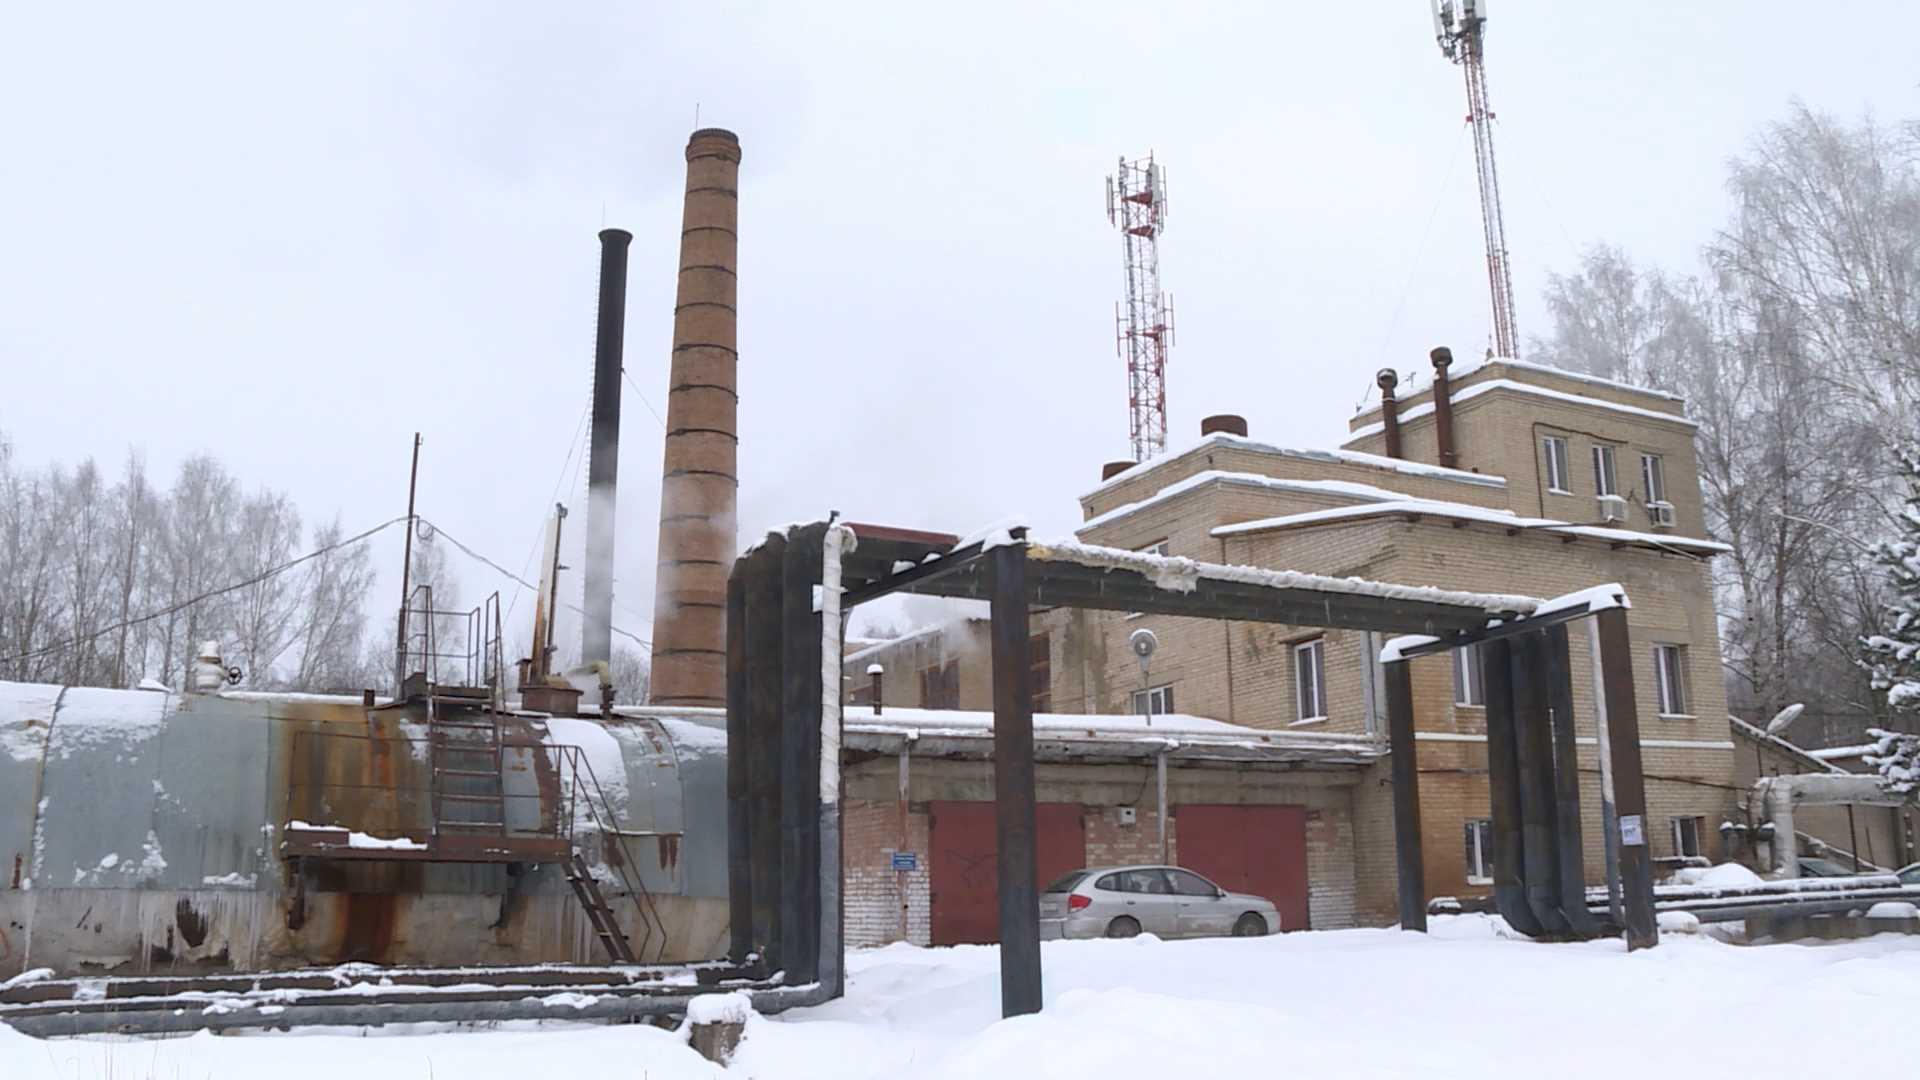 Котел разогрелся в поселке Никольское Костромского района